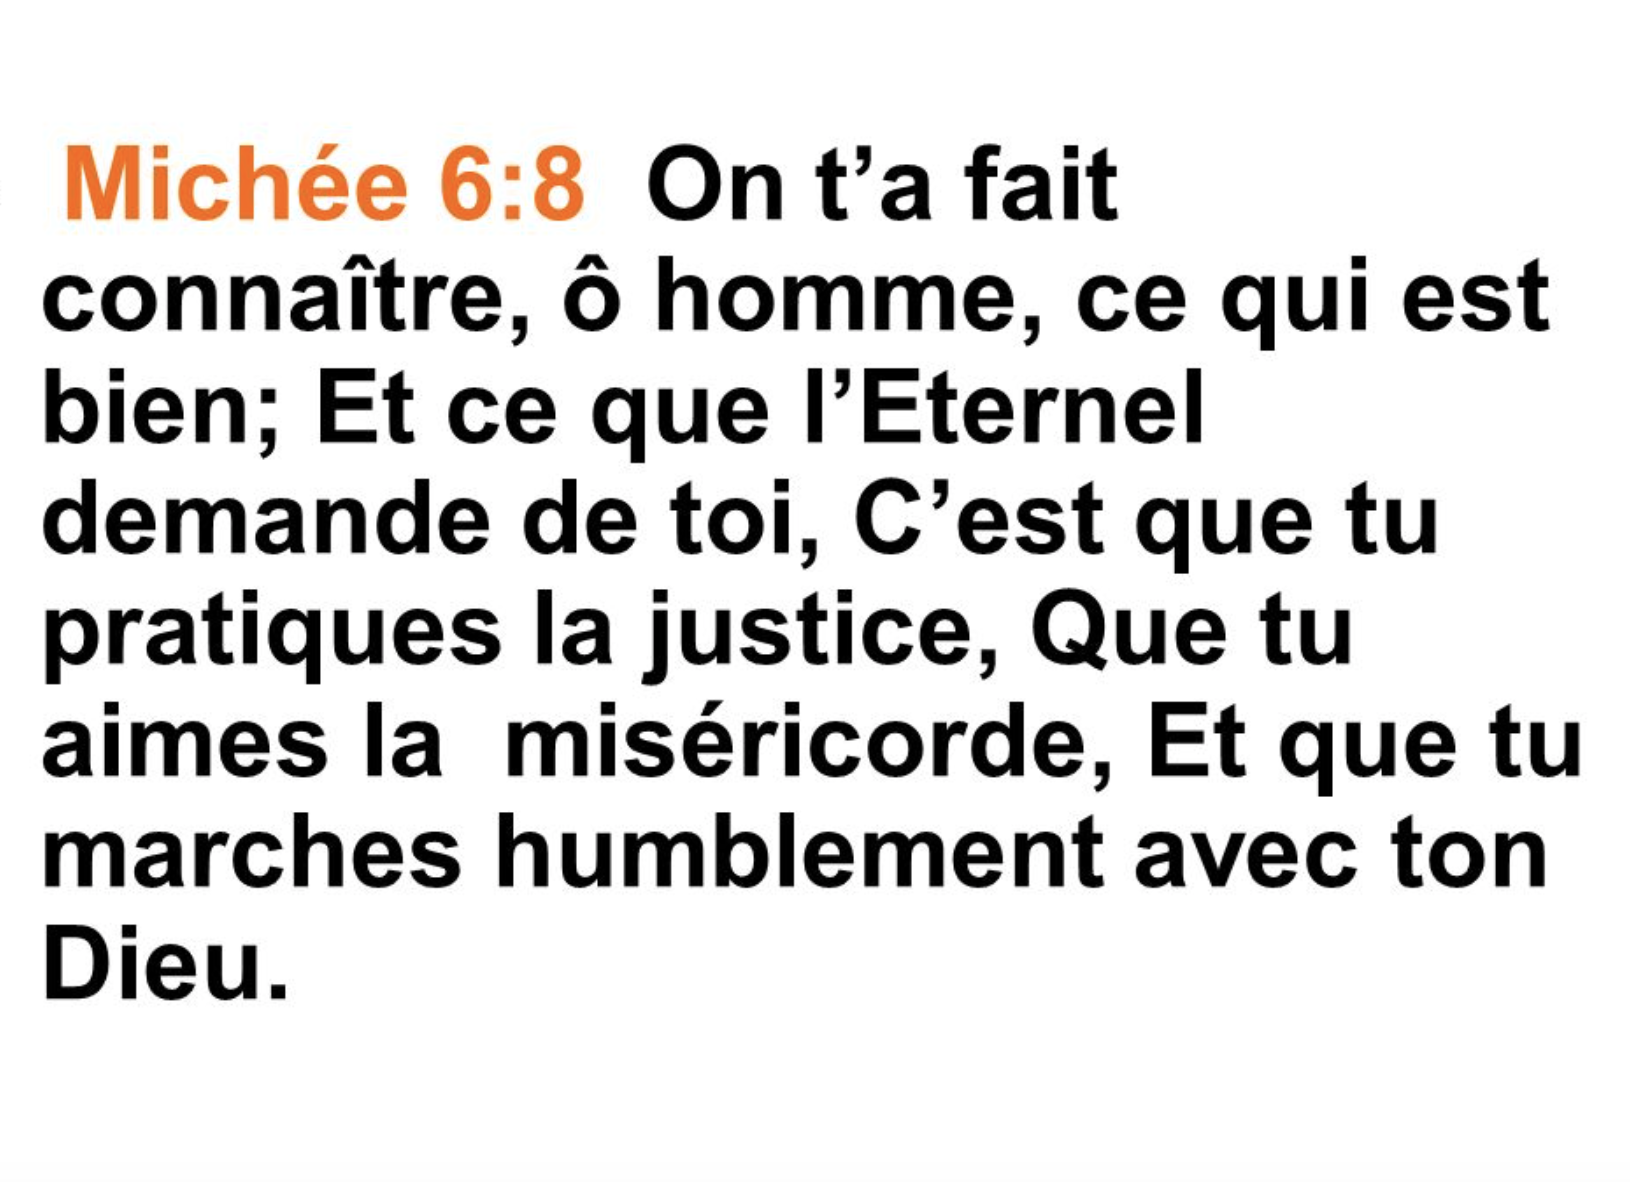 """""""On t'a fait connaître, ô homme, ce qui est bien; Et ce que l'Eternel demande de toi, C'est que tu pratiques la justice, Que tu aimes la miséricorde, Et que tu marches humblement avec ton Dieu."""" (Michée 6:8)"""